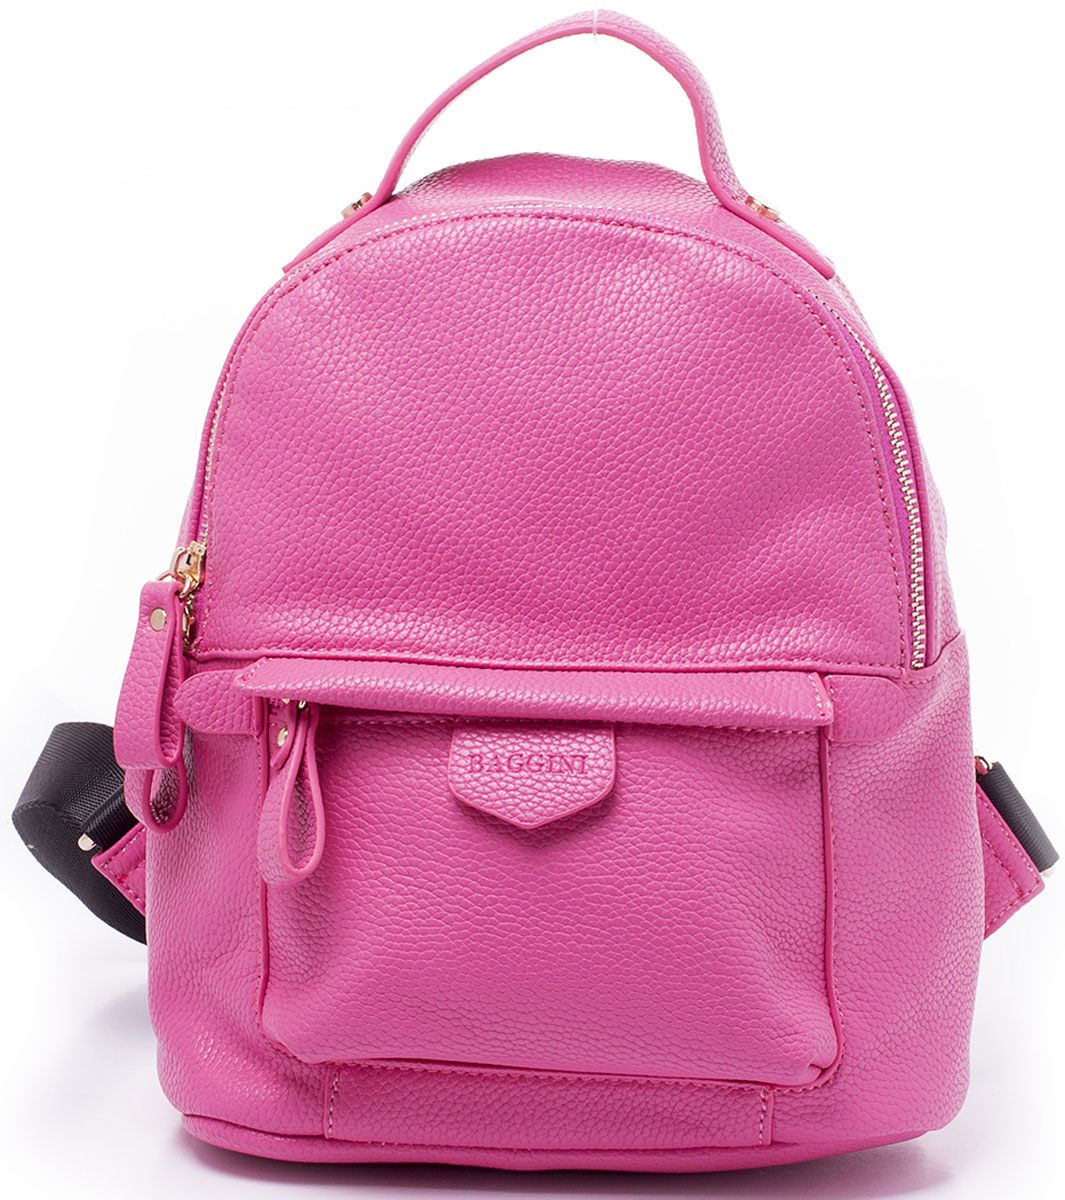 Рюкзак женский Baggini, цвет: розовый. 29882/643-47660-00504Компактный рюкзак Baggini подойдет как для создания романтичного и непринужденного образа, так и для функциональных потребностей к изделию. Рюкзак, несмотря на свои габариты, оснащен множеством карманов: один на застежке-молнии снаружи спереди, еще один, так же на молнии, сзади, четыре кармана внутри отделения - накладной для телефона, карман-разделитель на молнии, формирующий позади себя еще один карман и прорезной карман на застежке-молнии. Рюкзак оснащен широкими регулируемыми наплечными лямками и ручкой сверху для удобной переноски. Главное отделение застегивается на молнию.